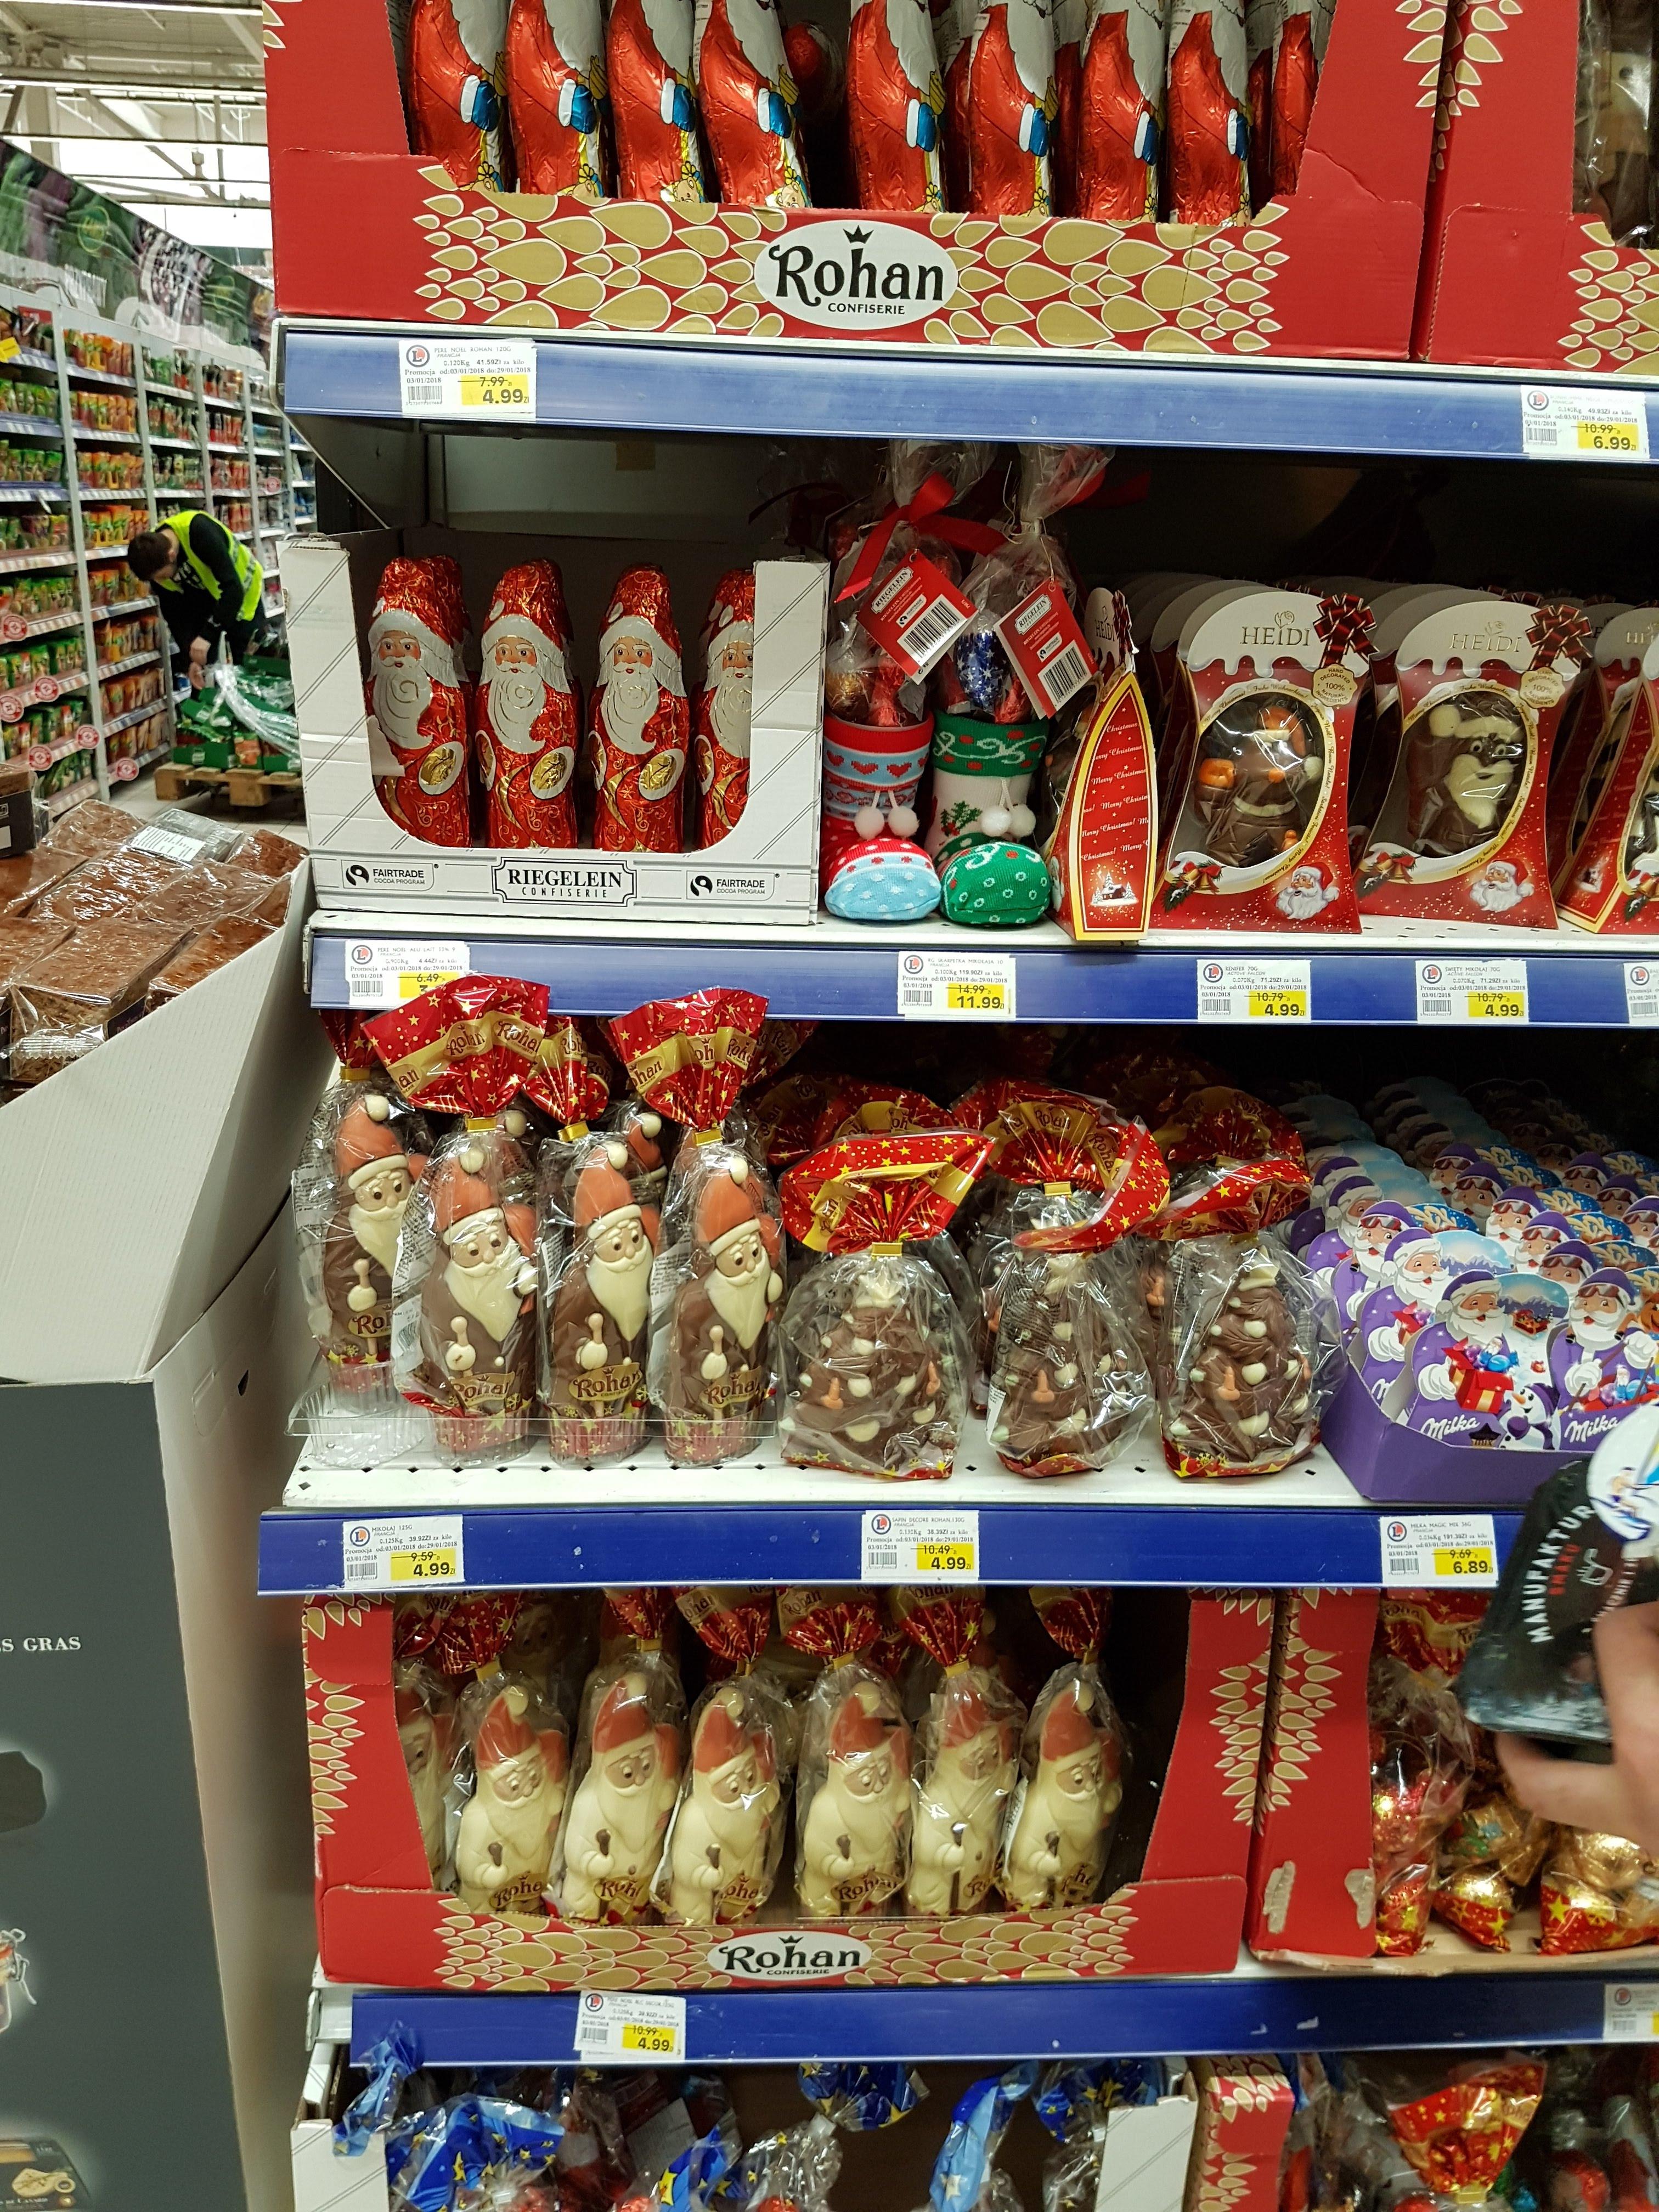 Słodycze świąteczne, mikołaje, renifery - Rohan, Heidi - E.Leclerc W-wa Jerozolimskie